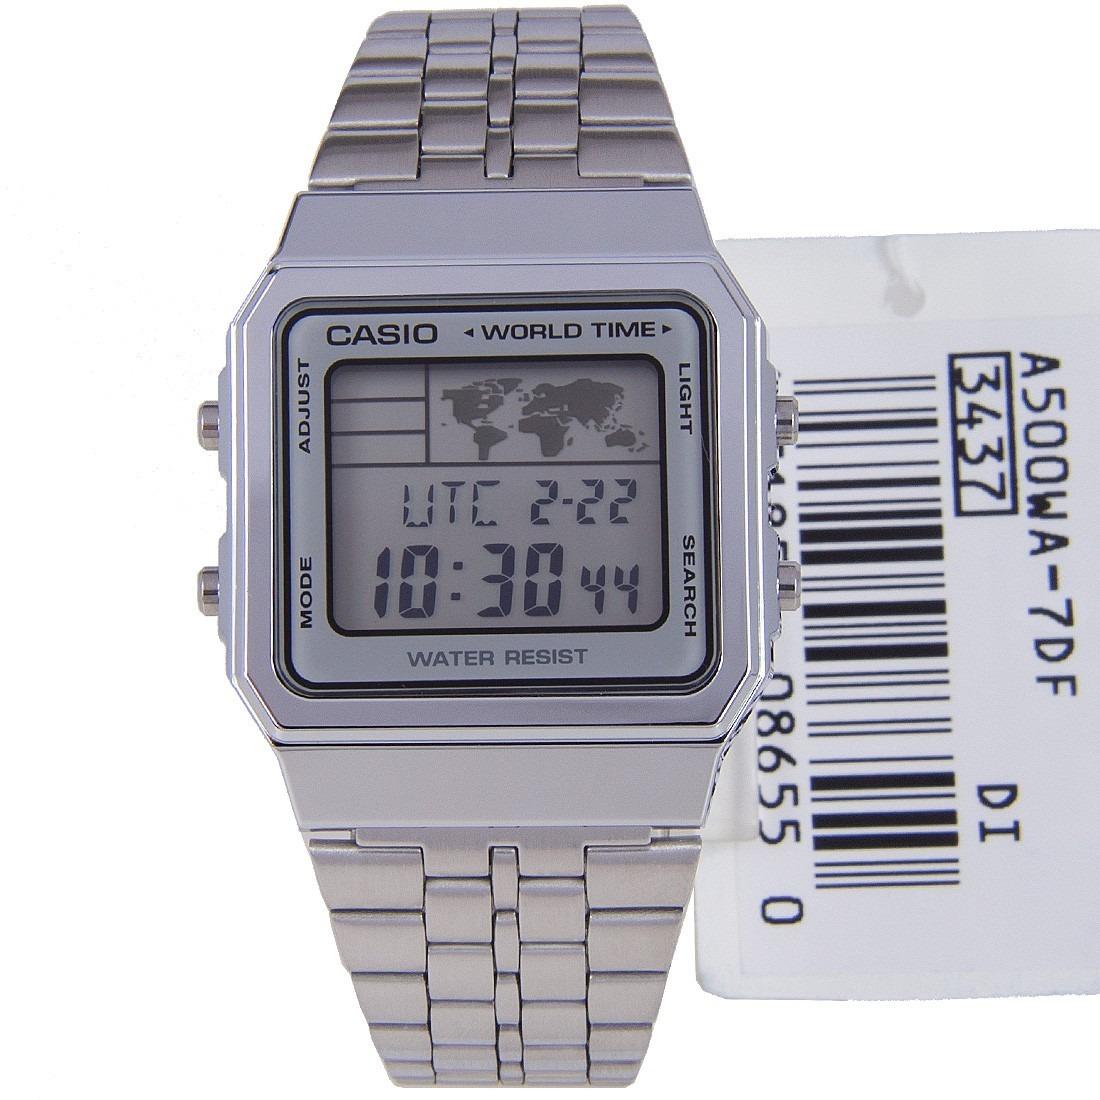 2a5f5782246 Relógio Casio Retro A500wa 7df Hora Mund Original Nf Frt Grt - R ...